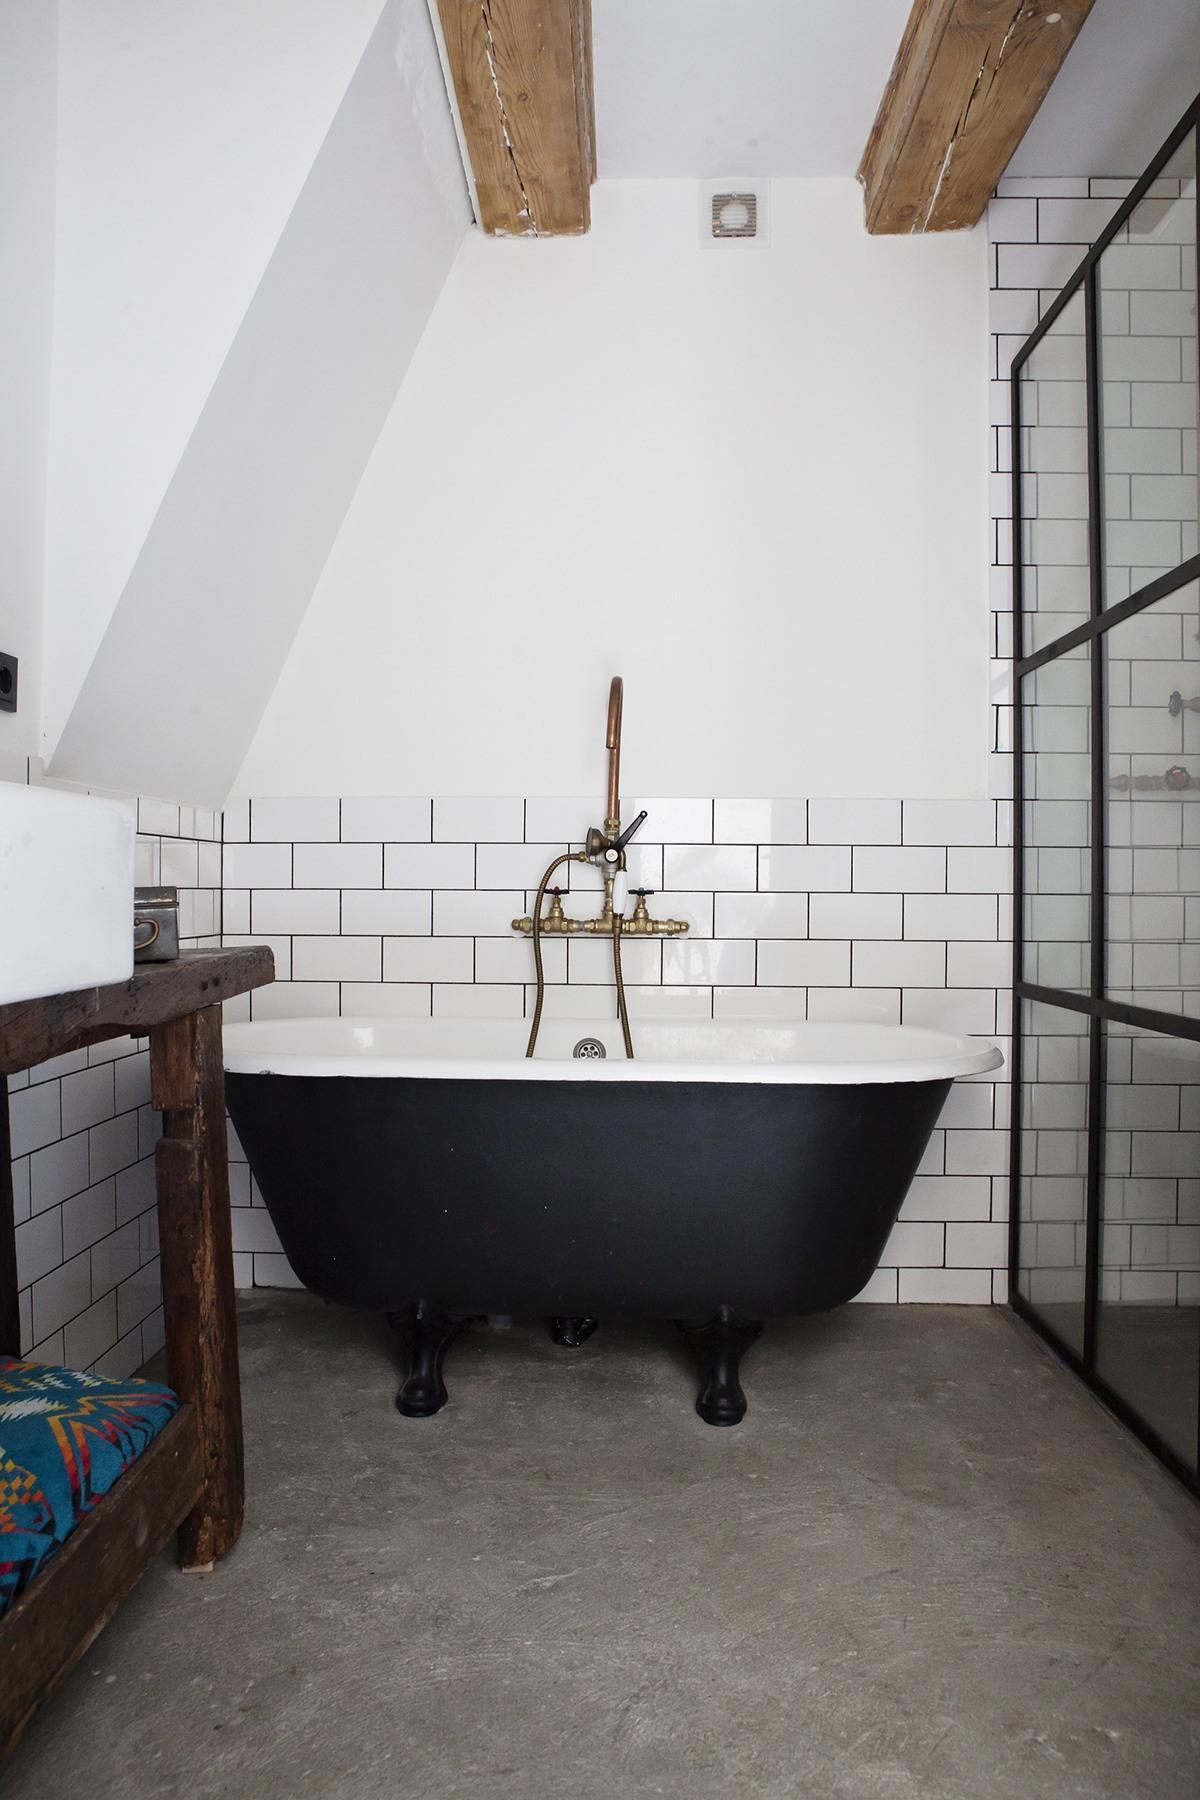 Vintage badkamer archives badkamers voorbeelden - Vintage badkamer ...